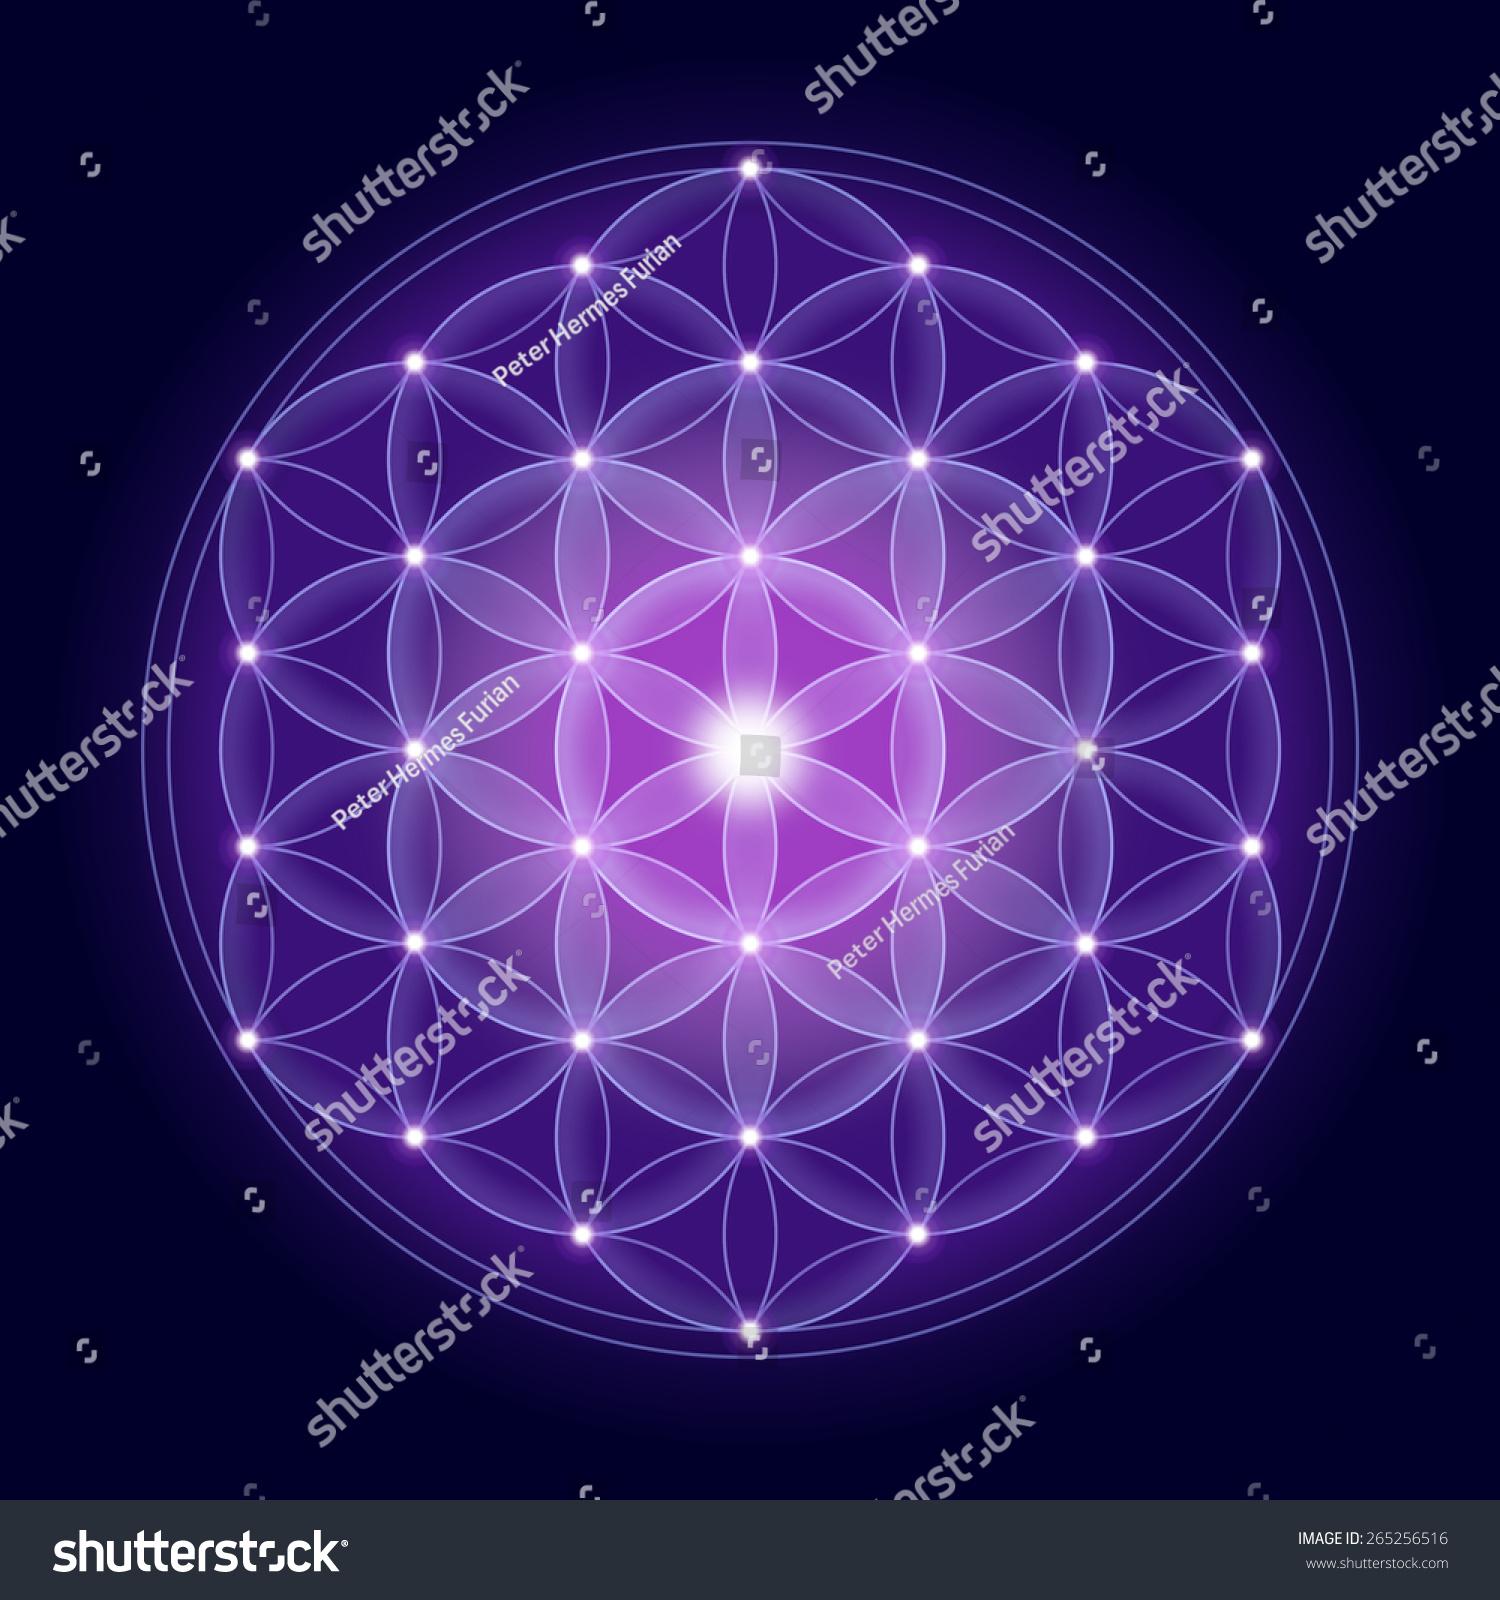 Cosmic Flower Life Stars On Dark Stock Illustration 265256516 ...